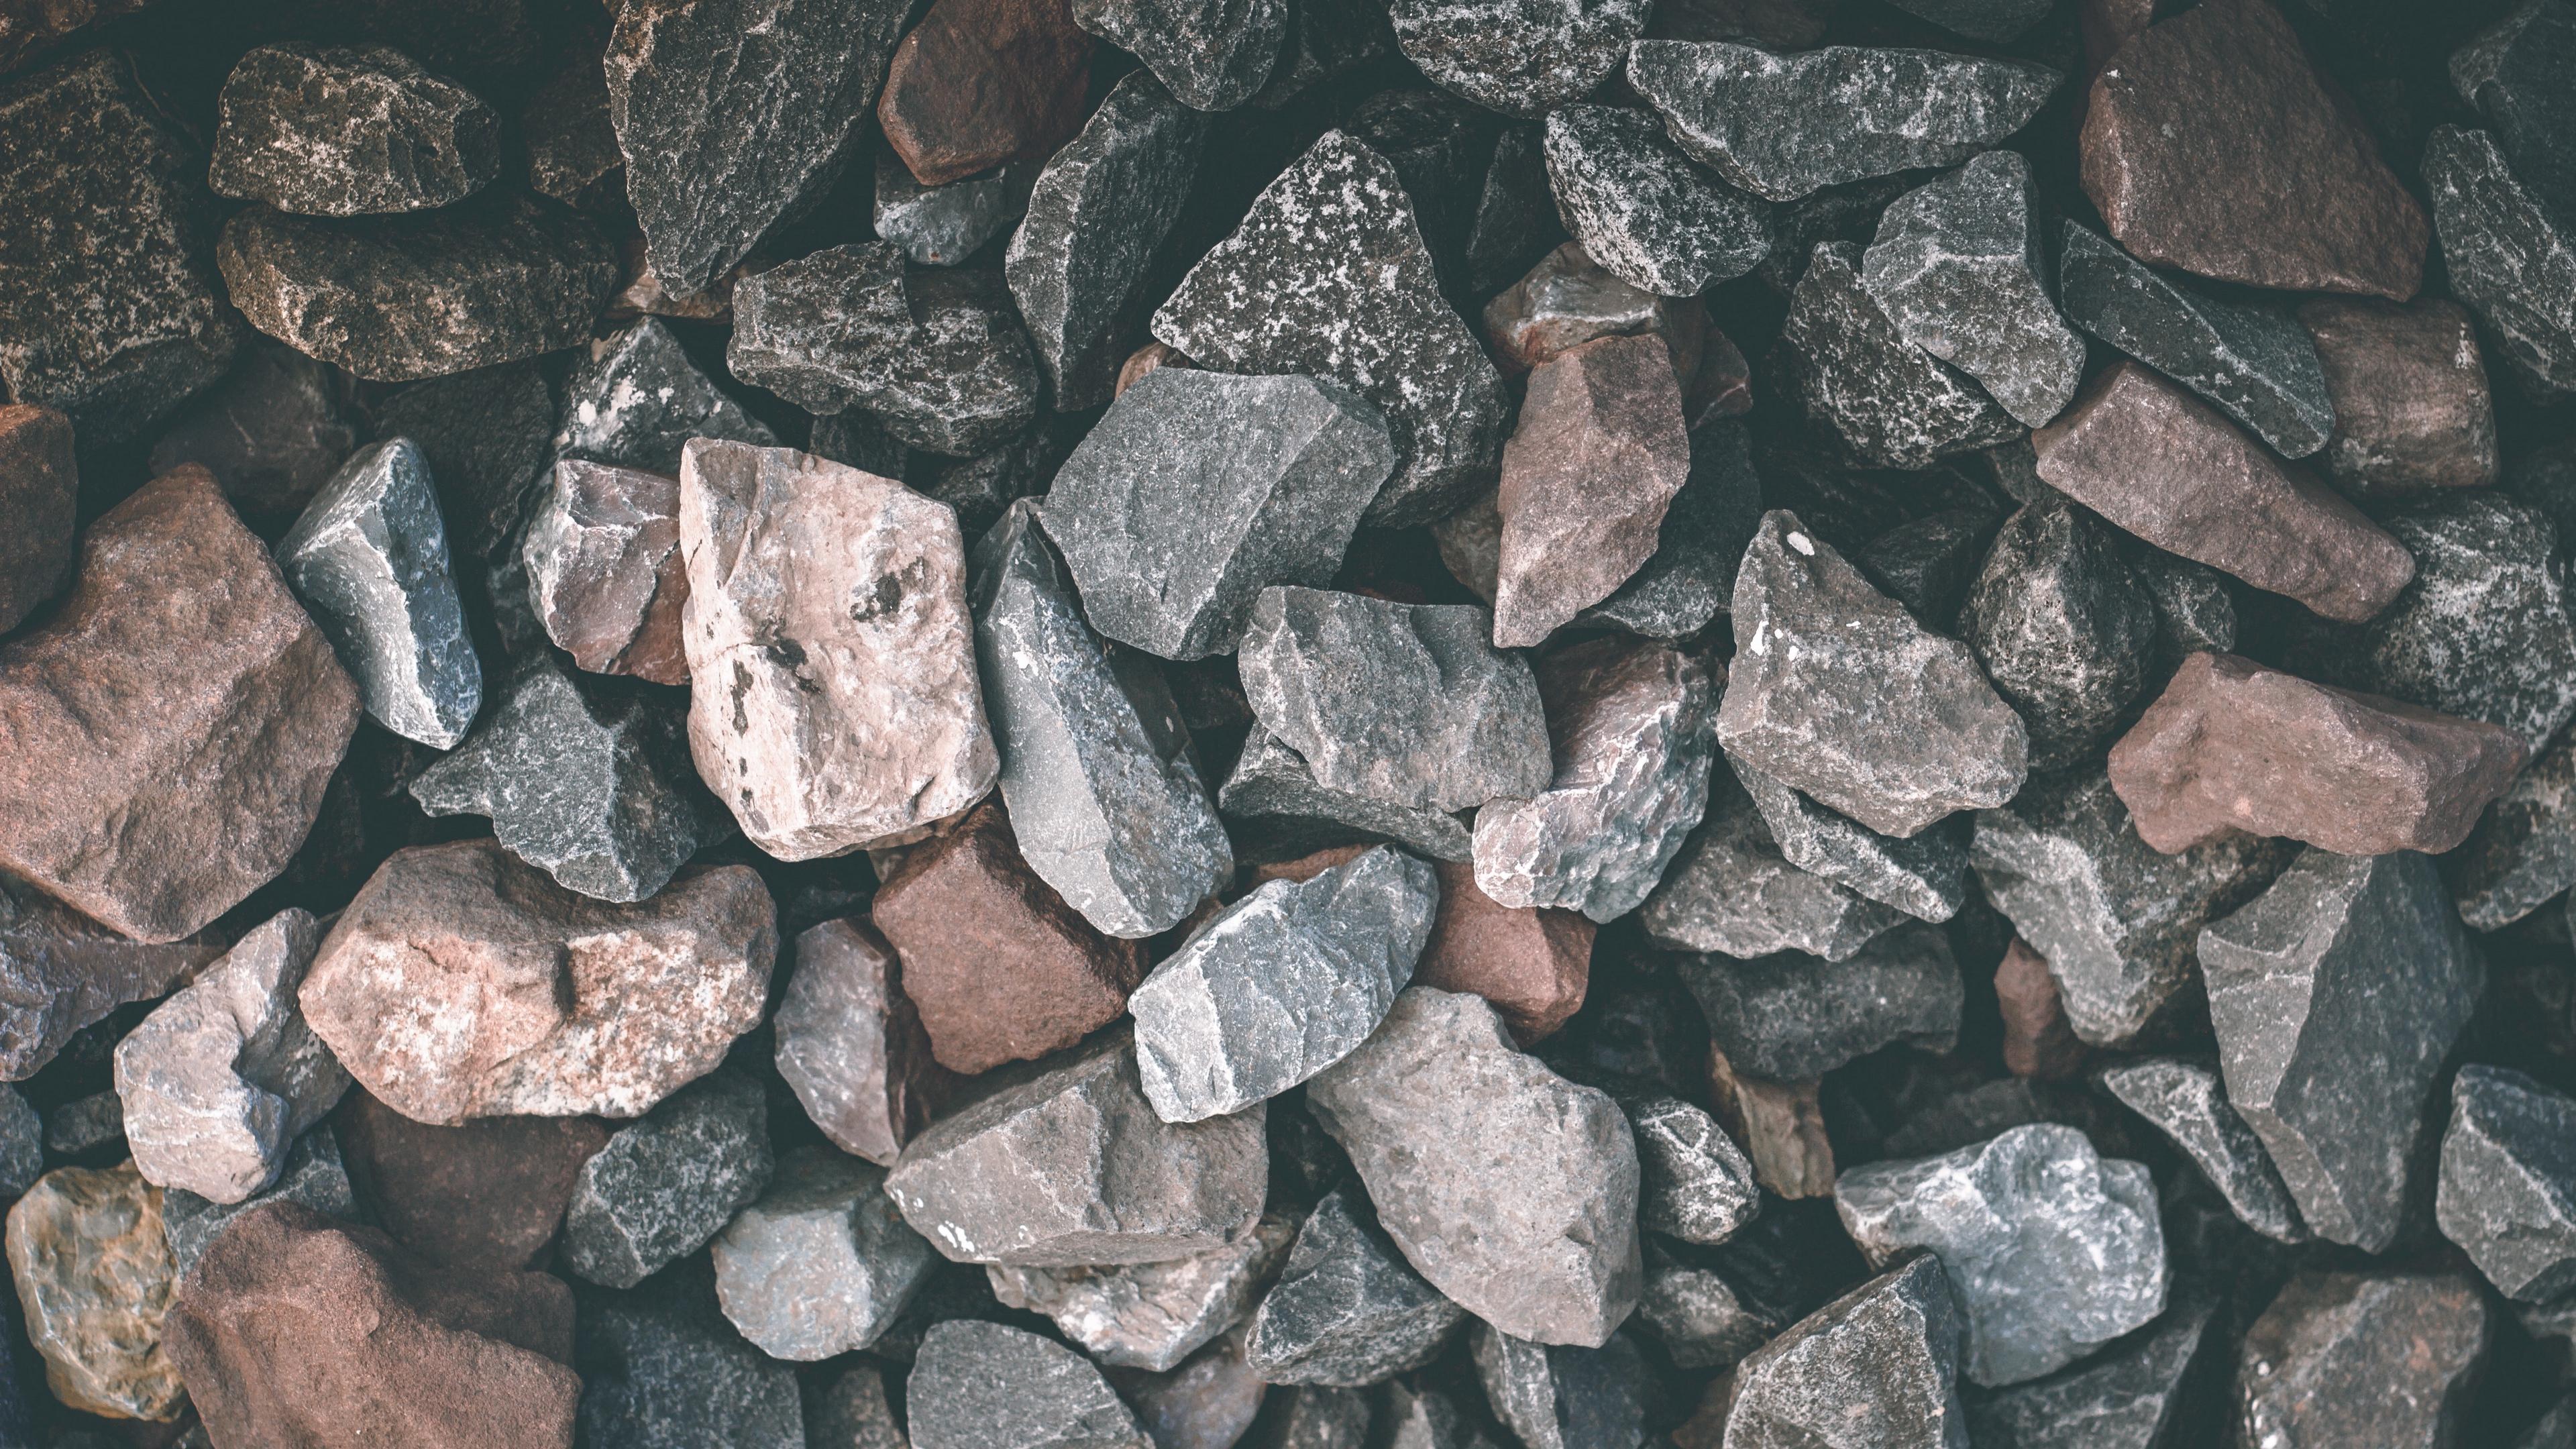 stones form pebbles 4k 1541114277 - stones, form, pebbles 4k - Stones, pebbles, form